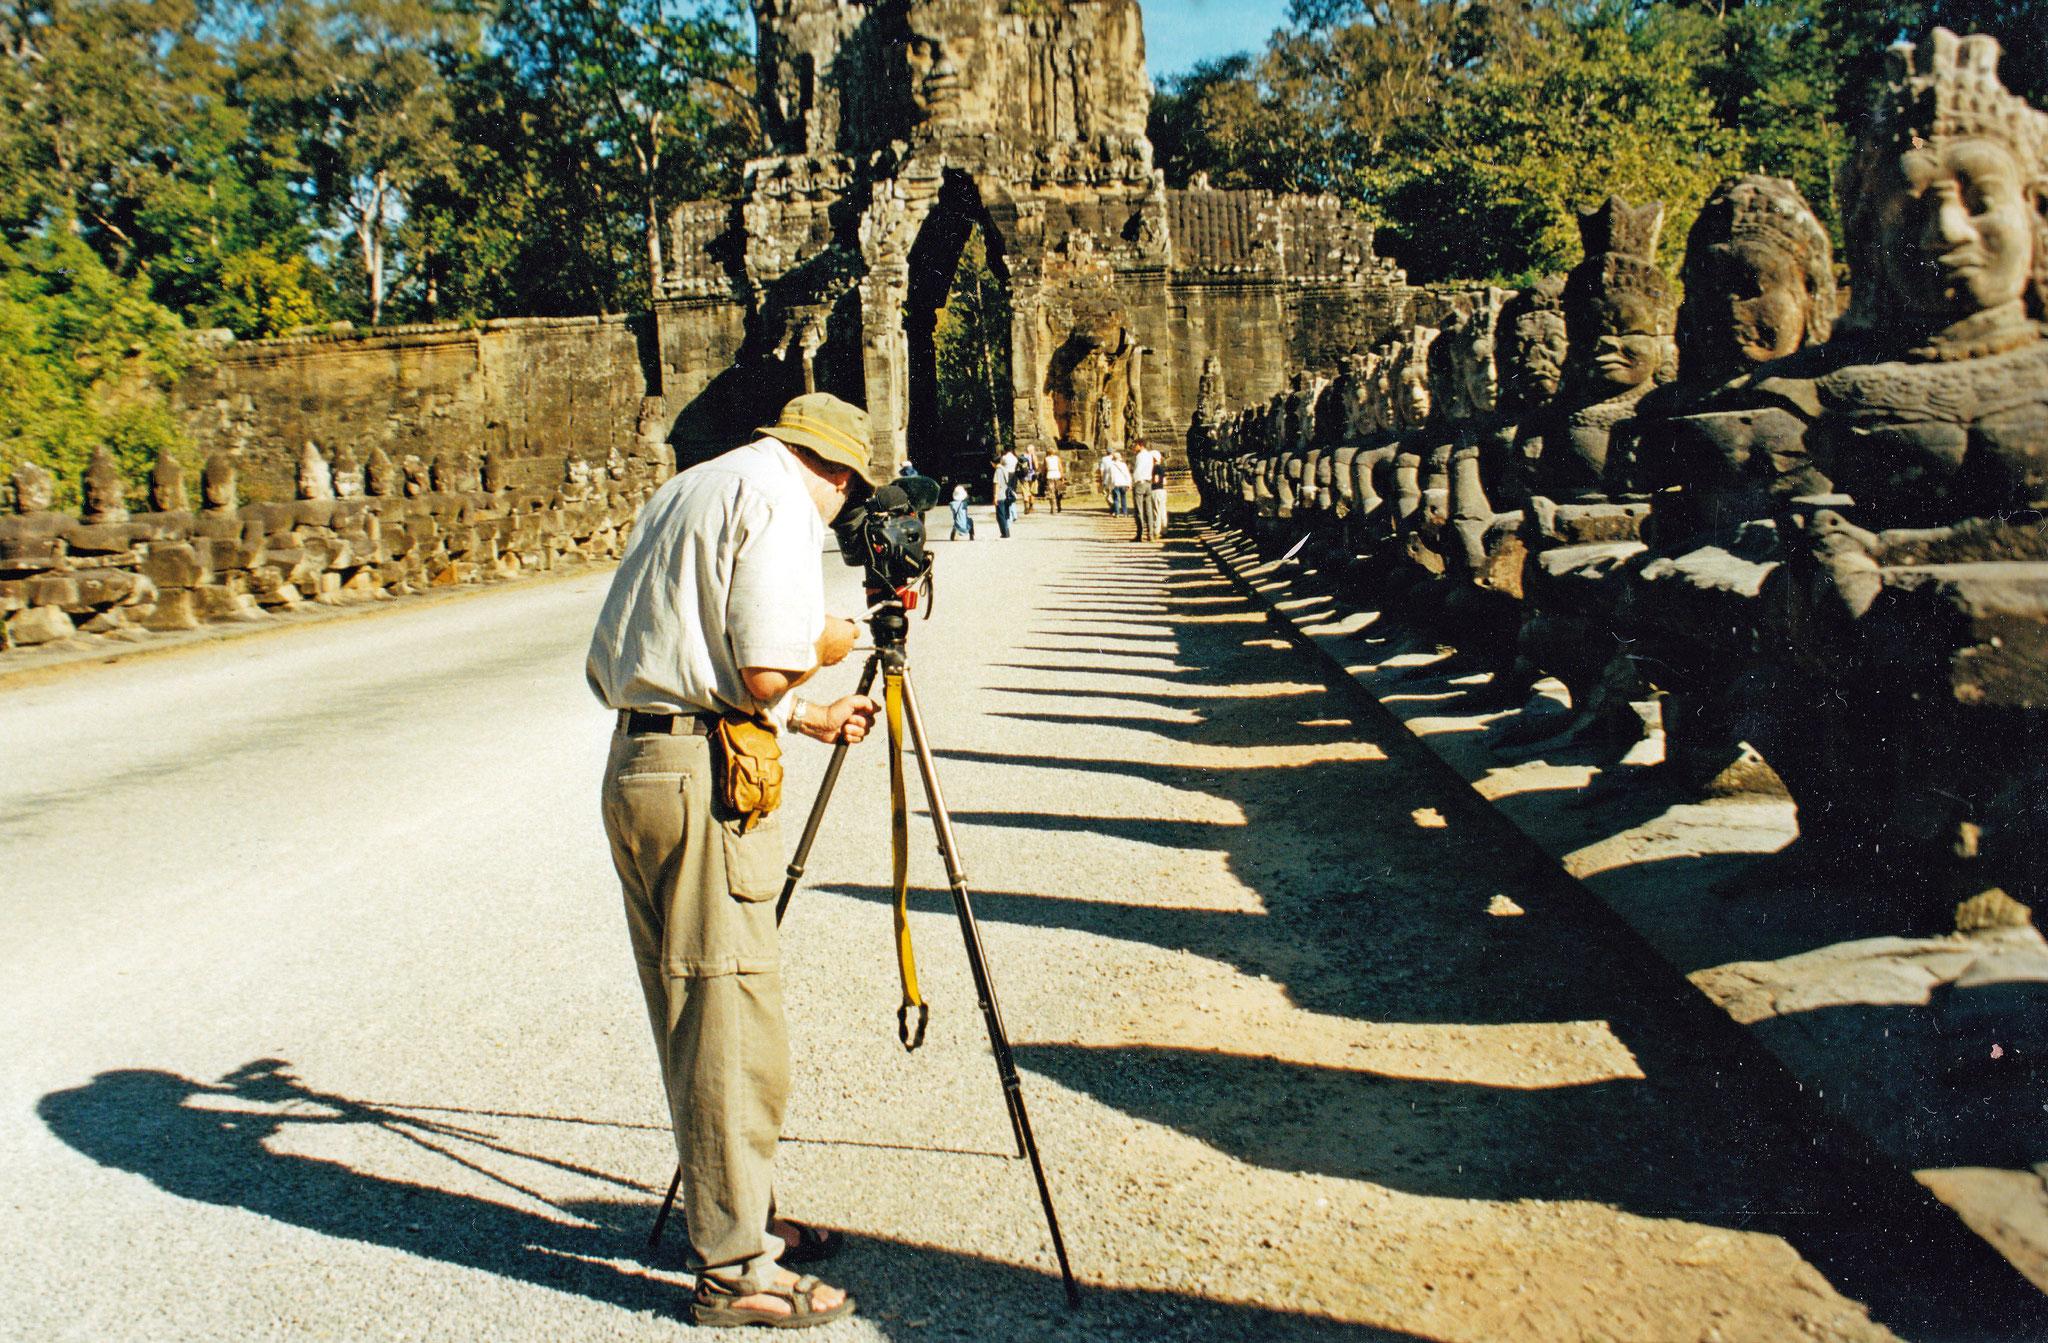 Beeindruckende Bildnisse vergangener Kulturen, Angkor Wat-Areal